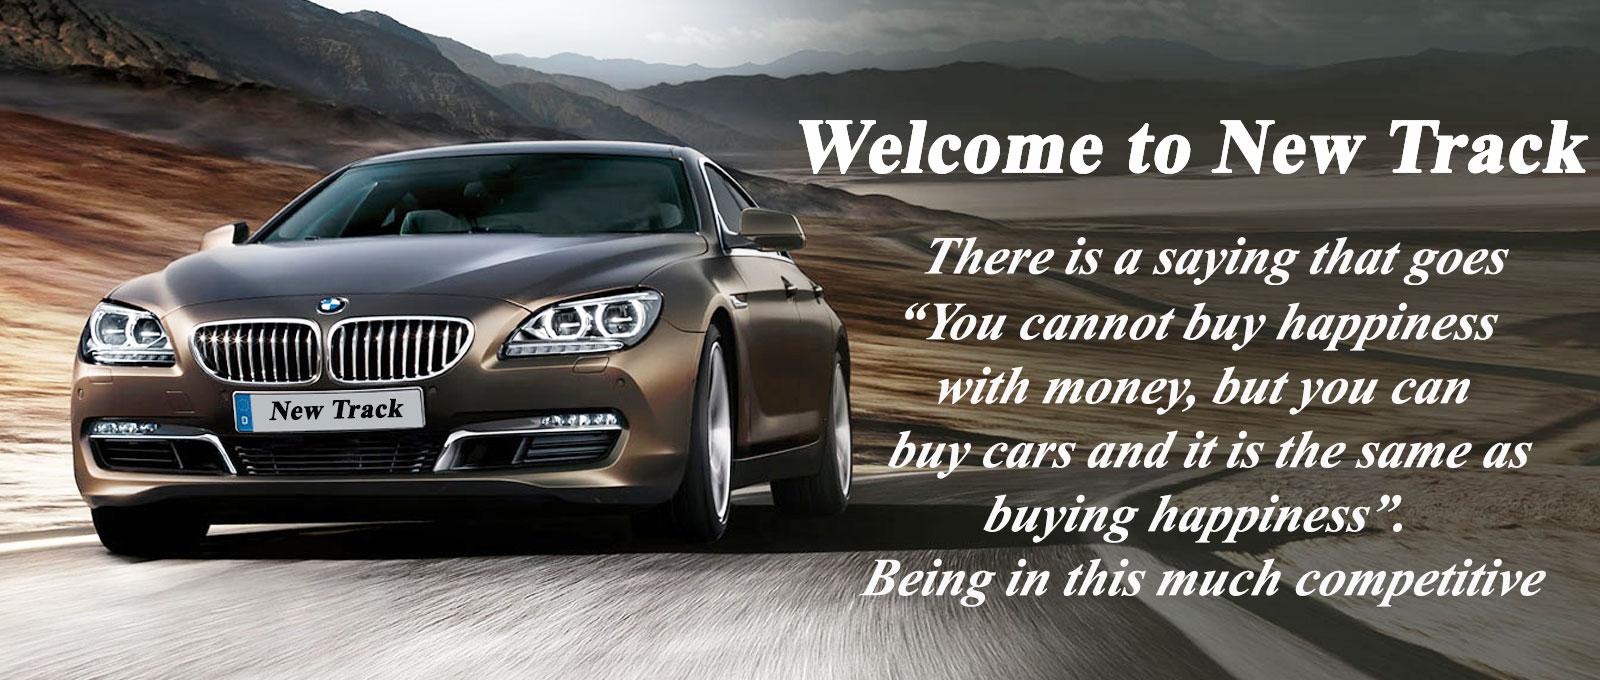 Wedding Car Rental Services In Chennai Bridal Car Rental Services In Chennai Luxury Car Rental Services In Chennai